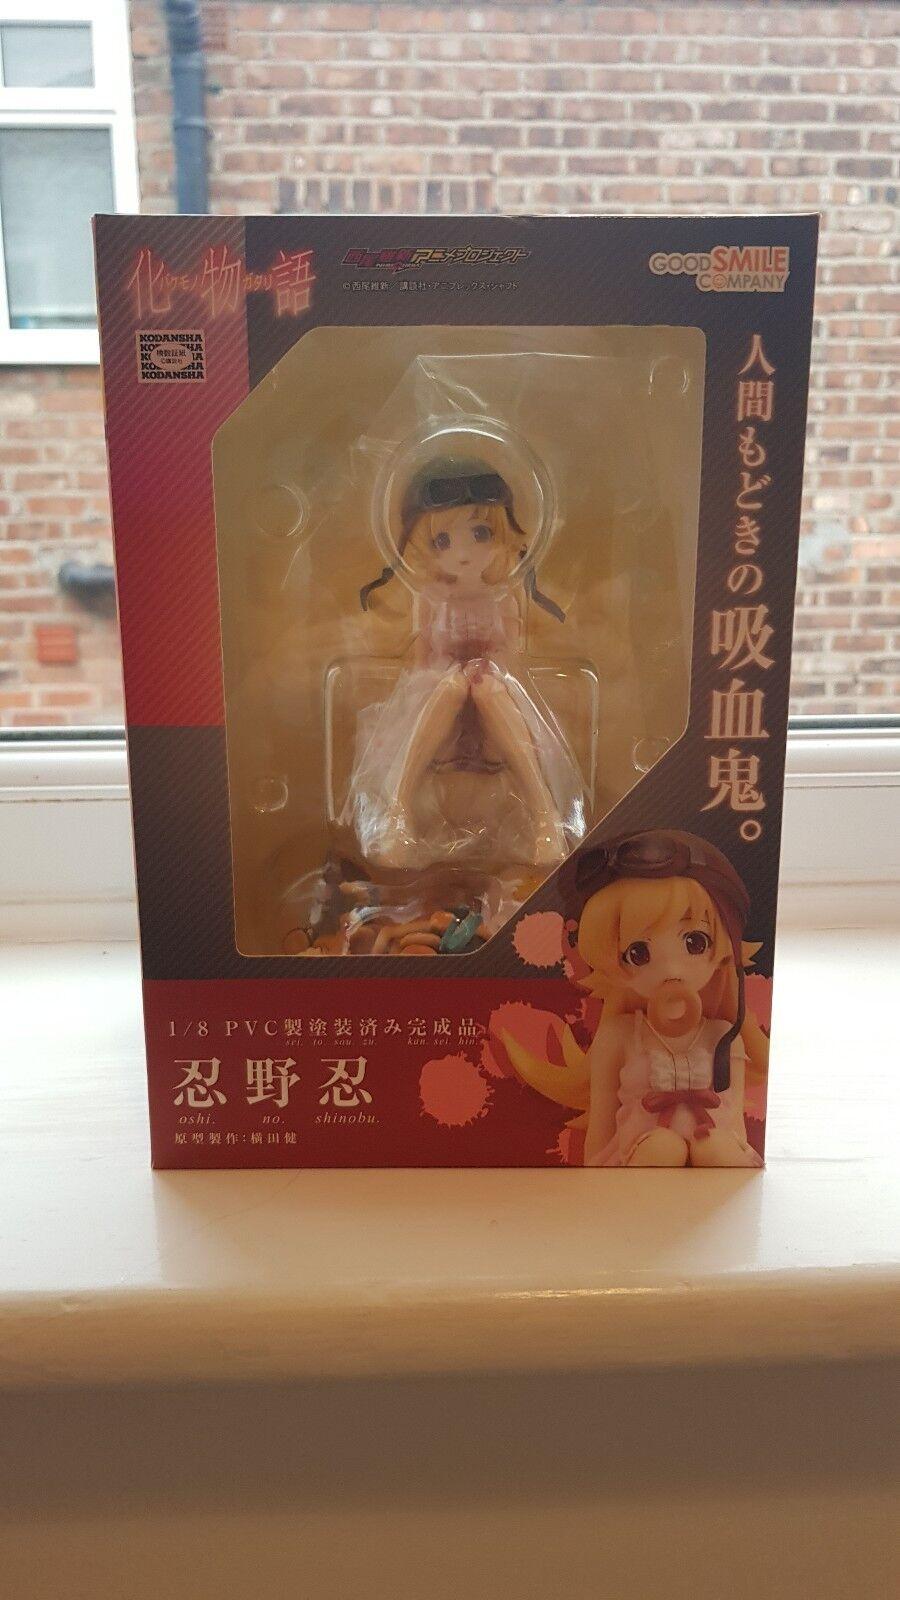 Bakemonogatari - Oshino Shinobu - 1 8 (Good Smile Company)